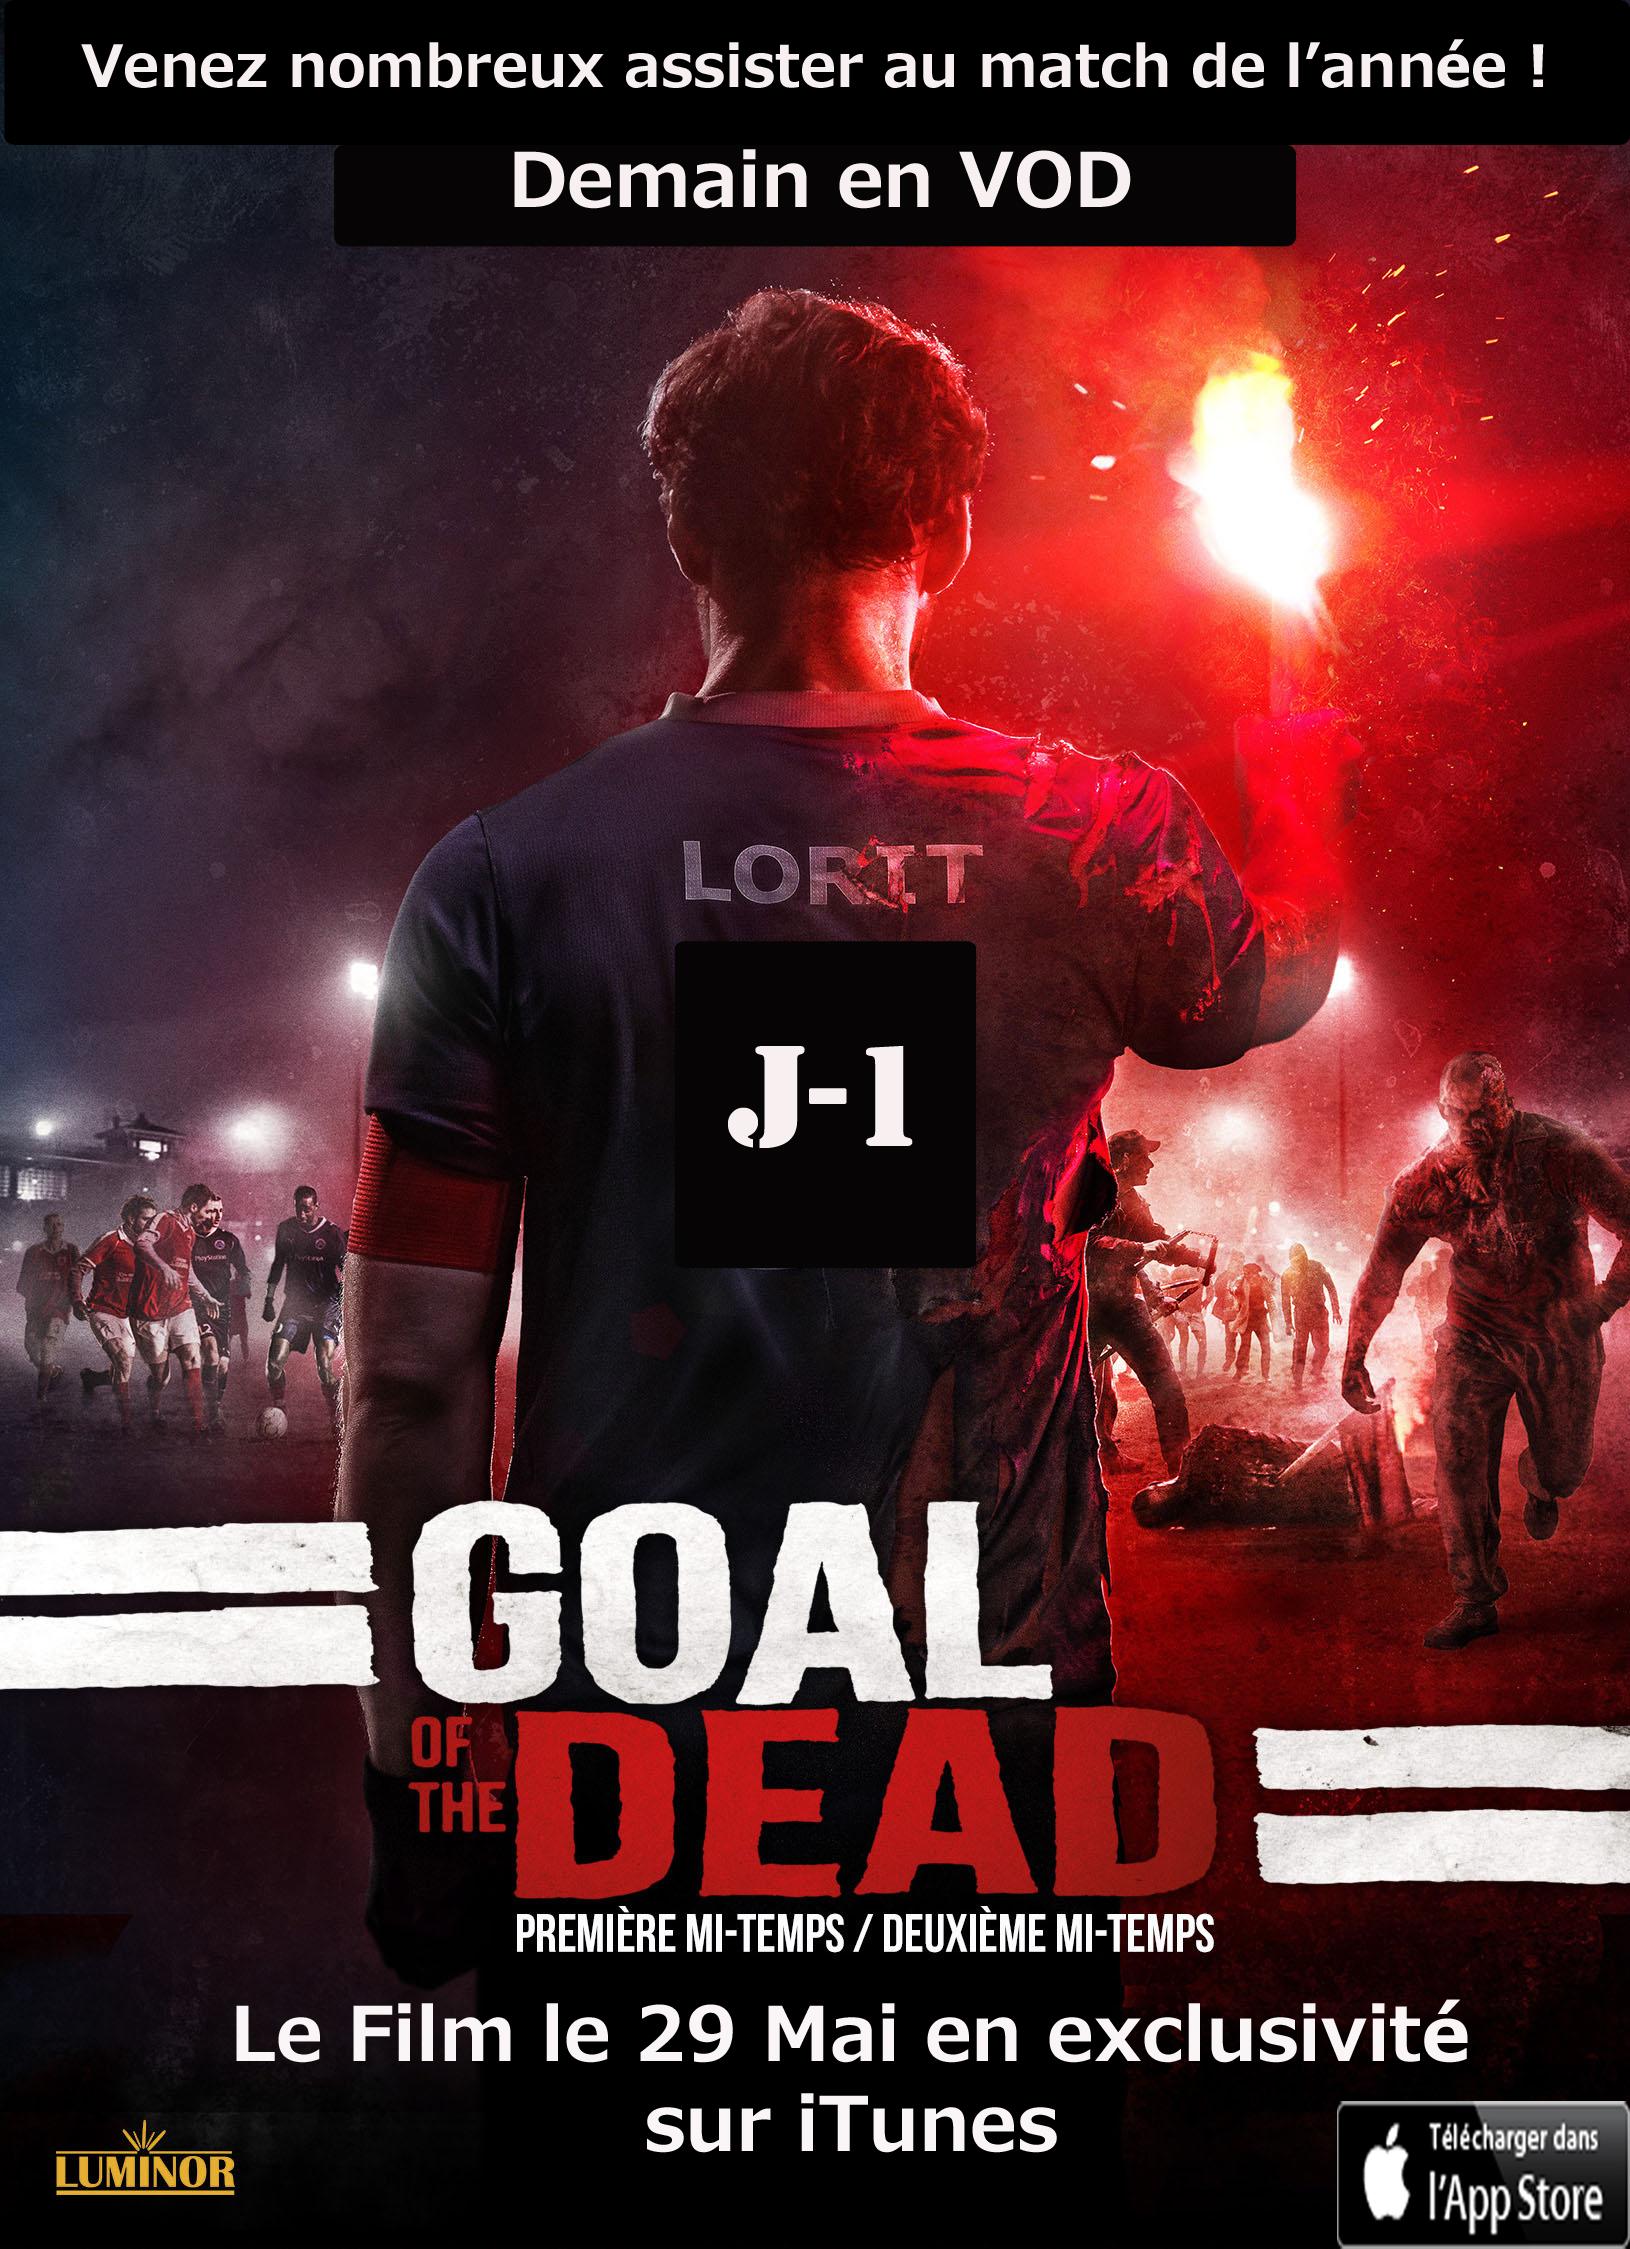 GOTD- j-1 copy